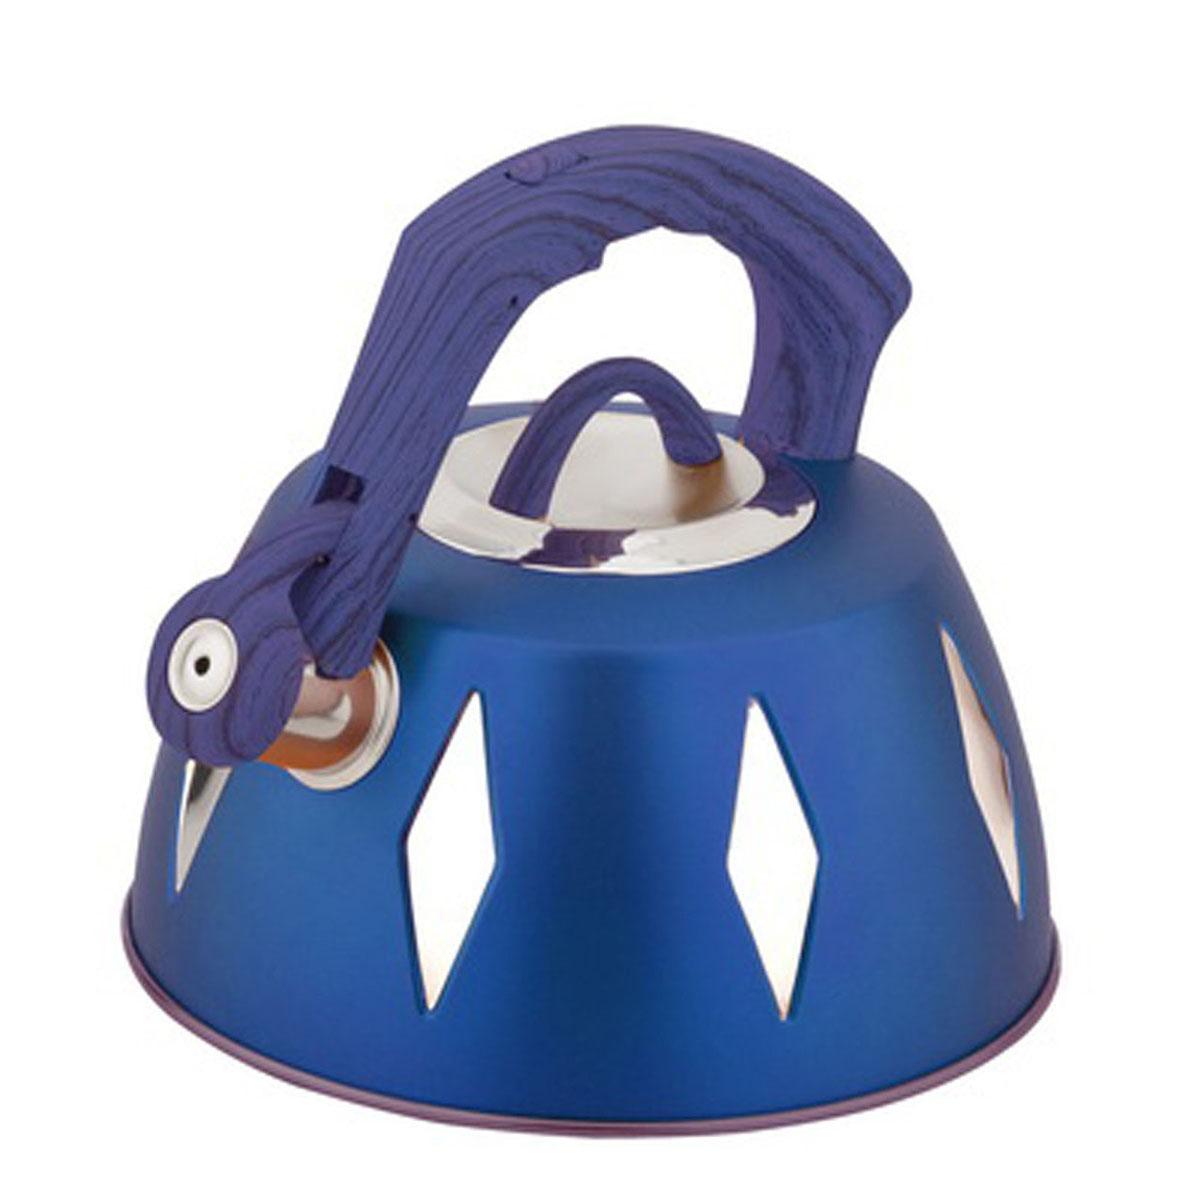 Чайник Bohmann со свистком, 3,5 л, цвет: синий9968BHNEW_синийЧайник Bohmann изготовлен из высококачественной нержавеющей стали с цветным матовым покрытием. Нержавеющая сталь - материал, из которого в течение нескольких десятилетий во всем мире производятся столовые приборы, кухонные инструменты и различные аксессуары. Этот материал обладает высокой стойкостью к коррозии и кислотам. Прочность, долговечность и надежность этого материала, а также первоклассная обработка обеспечивают практически неограниченный запас прочности и неизменно привлекательный внешний вид. Капсульное дно позволяет изделию быстро нагреваться и дольше сохранять тепло. Чайник оснащен фиксированной прорезиненной цветной ручкой, что предотвращает появление ожогов и обеспечивает безопасность использования. Носик чайника имеет откидной свисток, который подскажет, когда вода закипела. Можно использовать на газовых, электрических, галогенных, стеклокерамических, индукционных плитах. Можно мыть в посудомоечной машине. Высота чайника (без учета ручки и крышки):...